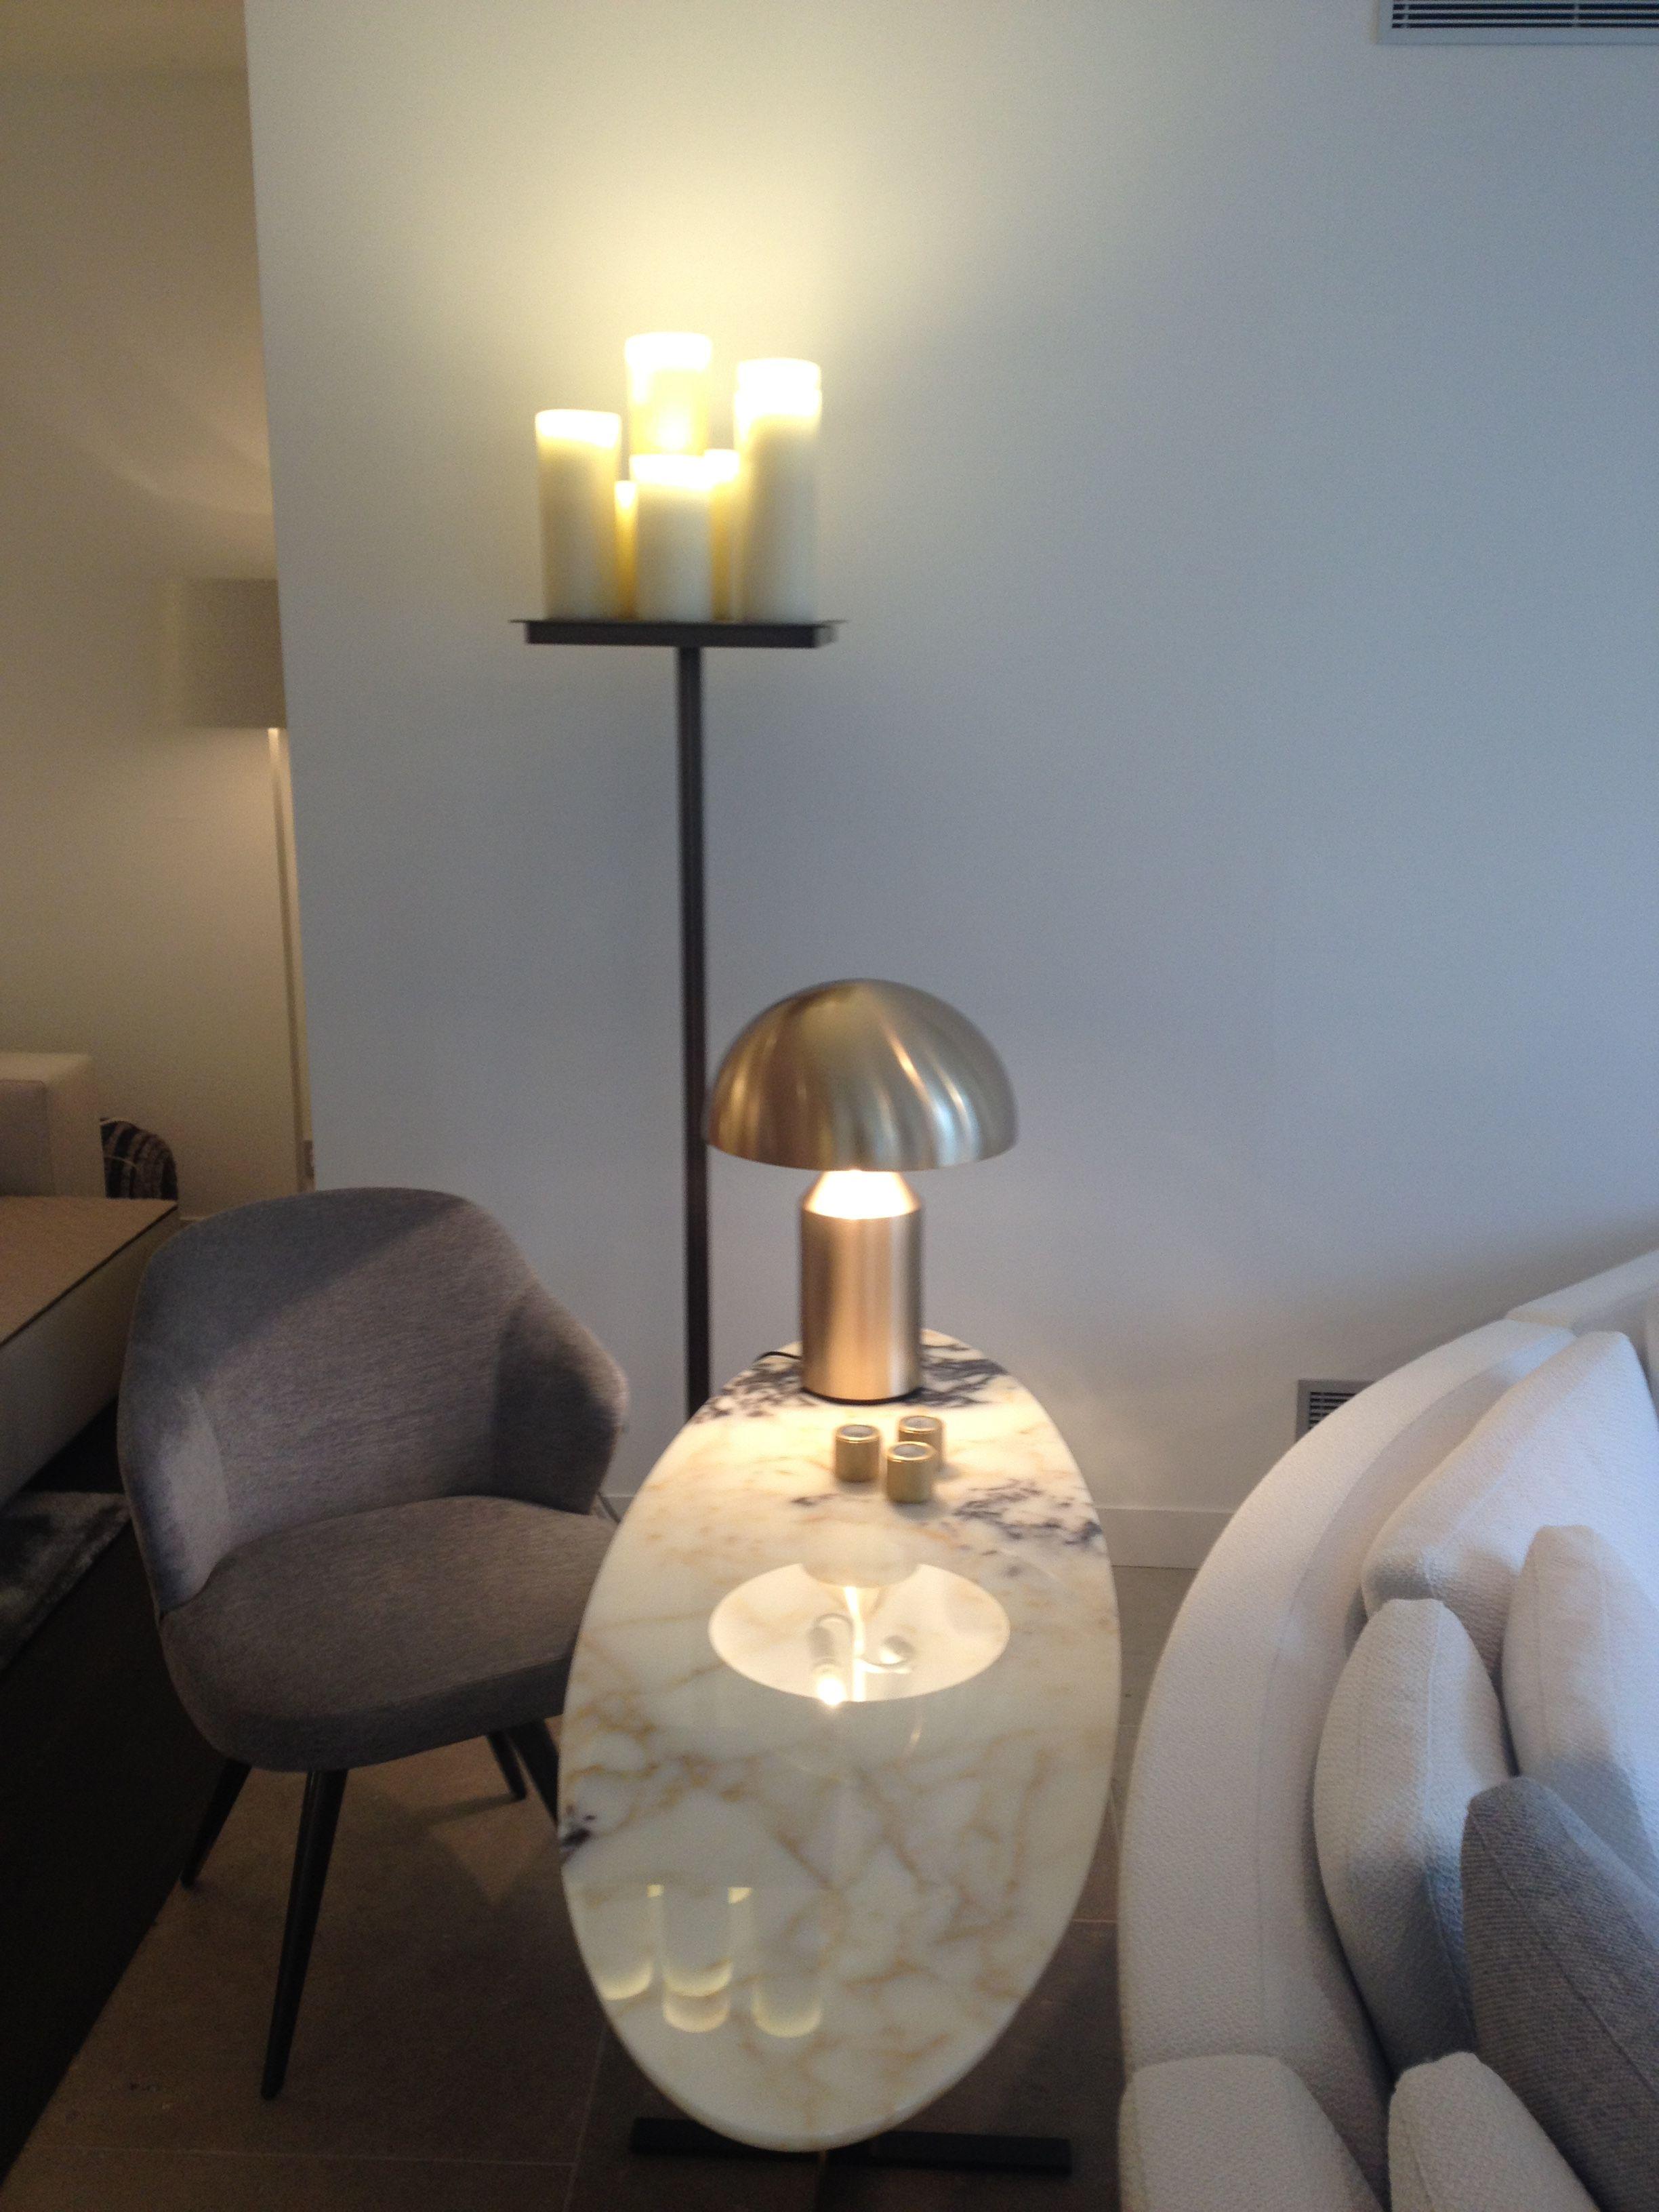 Minotti Catlin console \u0026 Oluce Atollo table lamp. Stunning ...